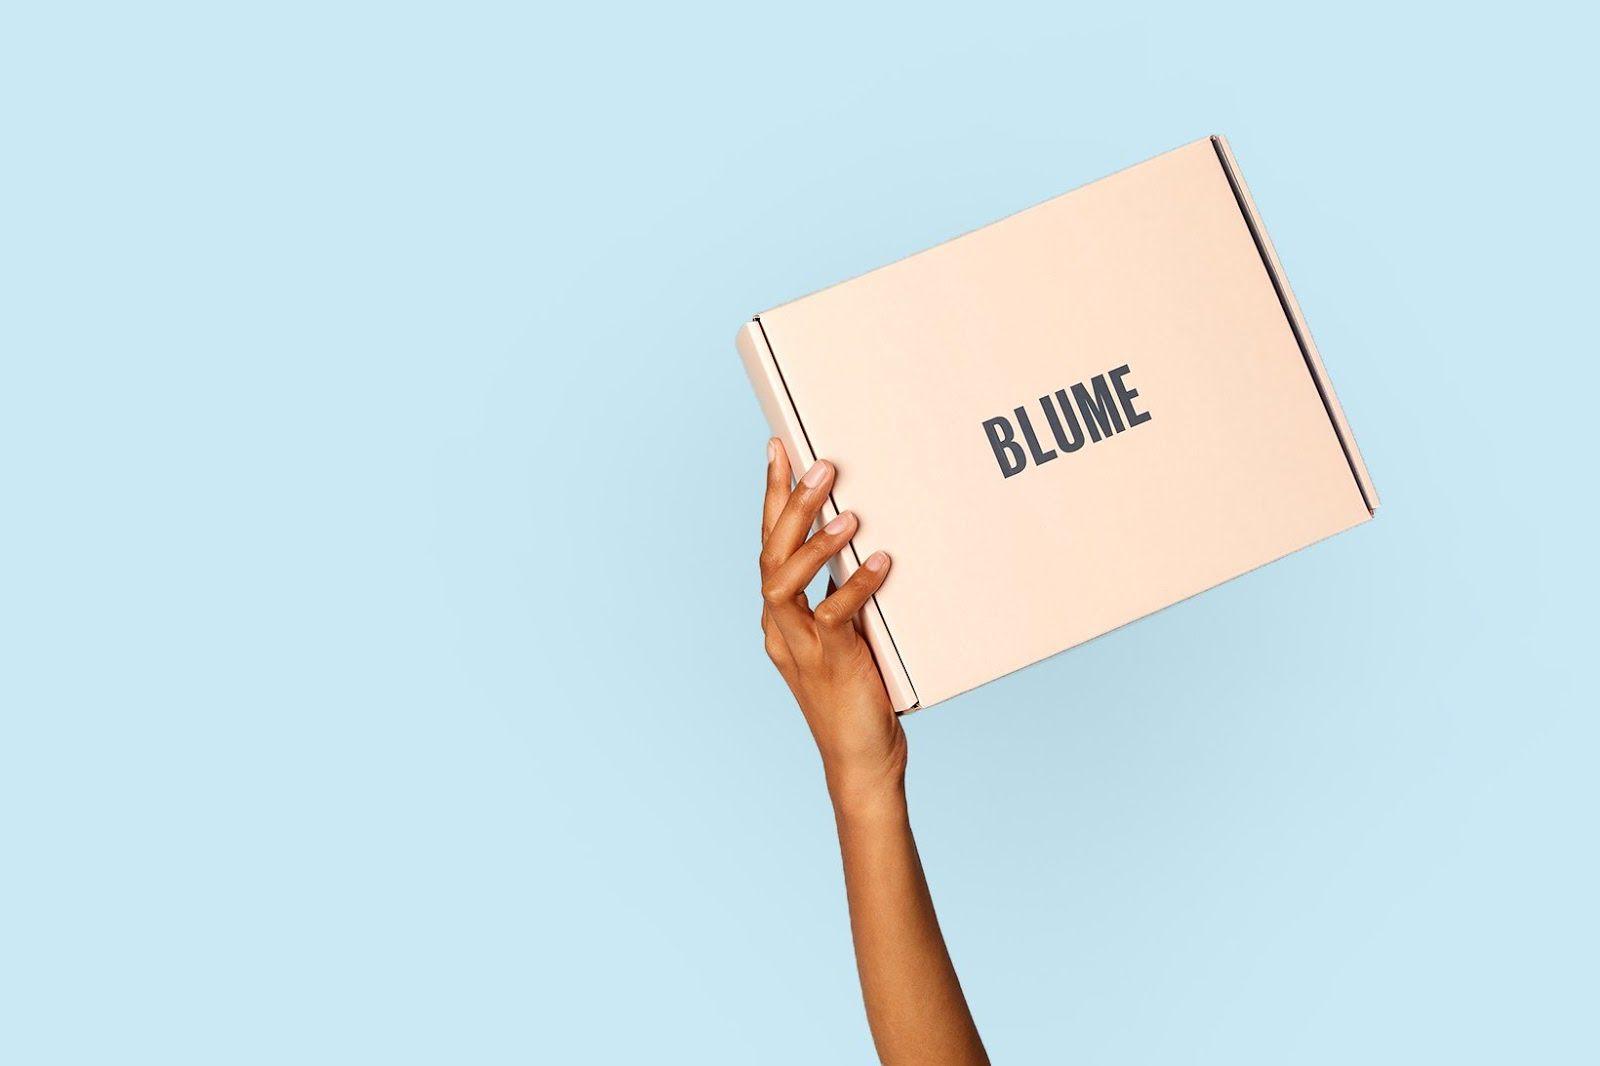 blume-box.jpeg